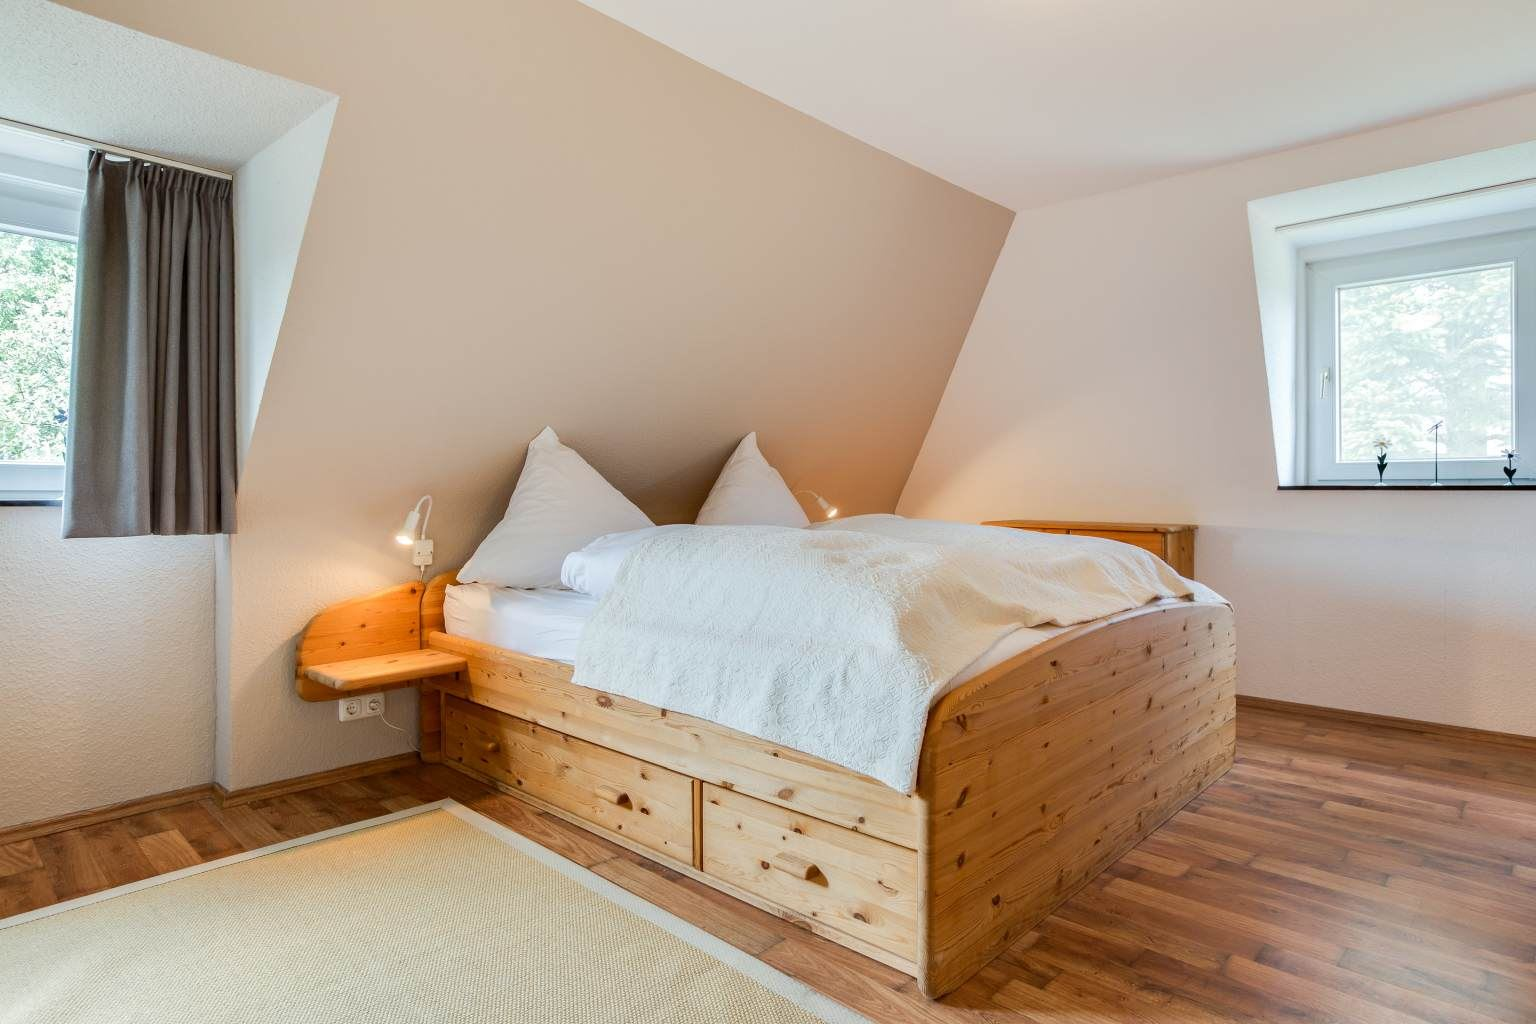 """Ferienhaus """"Das grüne Haus"""" - 1. Schlafzimmer"""